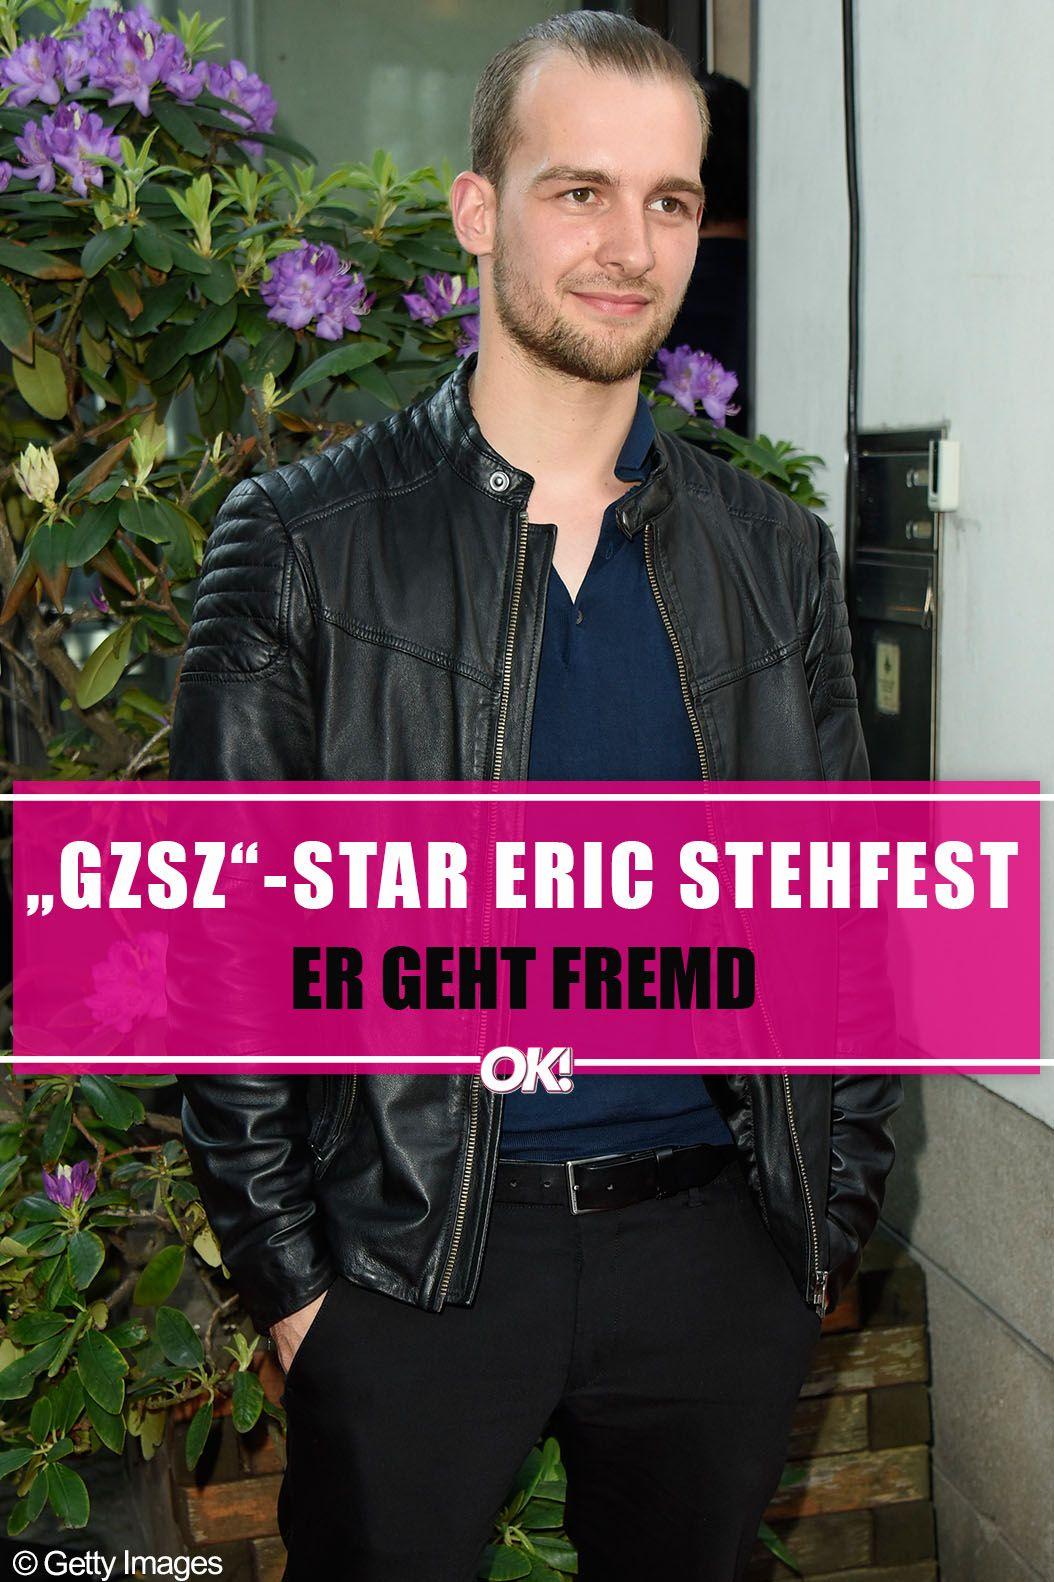 Gzsz Star Eric Stehfest Er Geht Fremd Eric Stehfest Pinterest